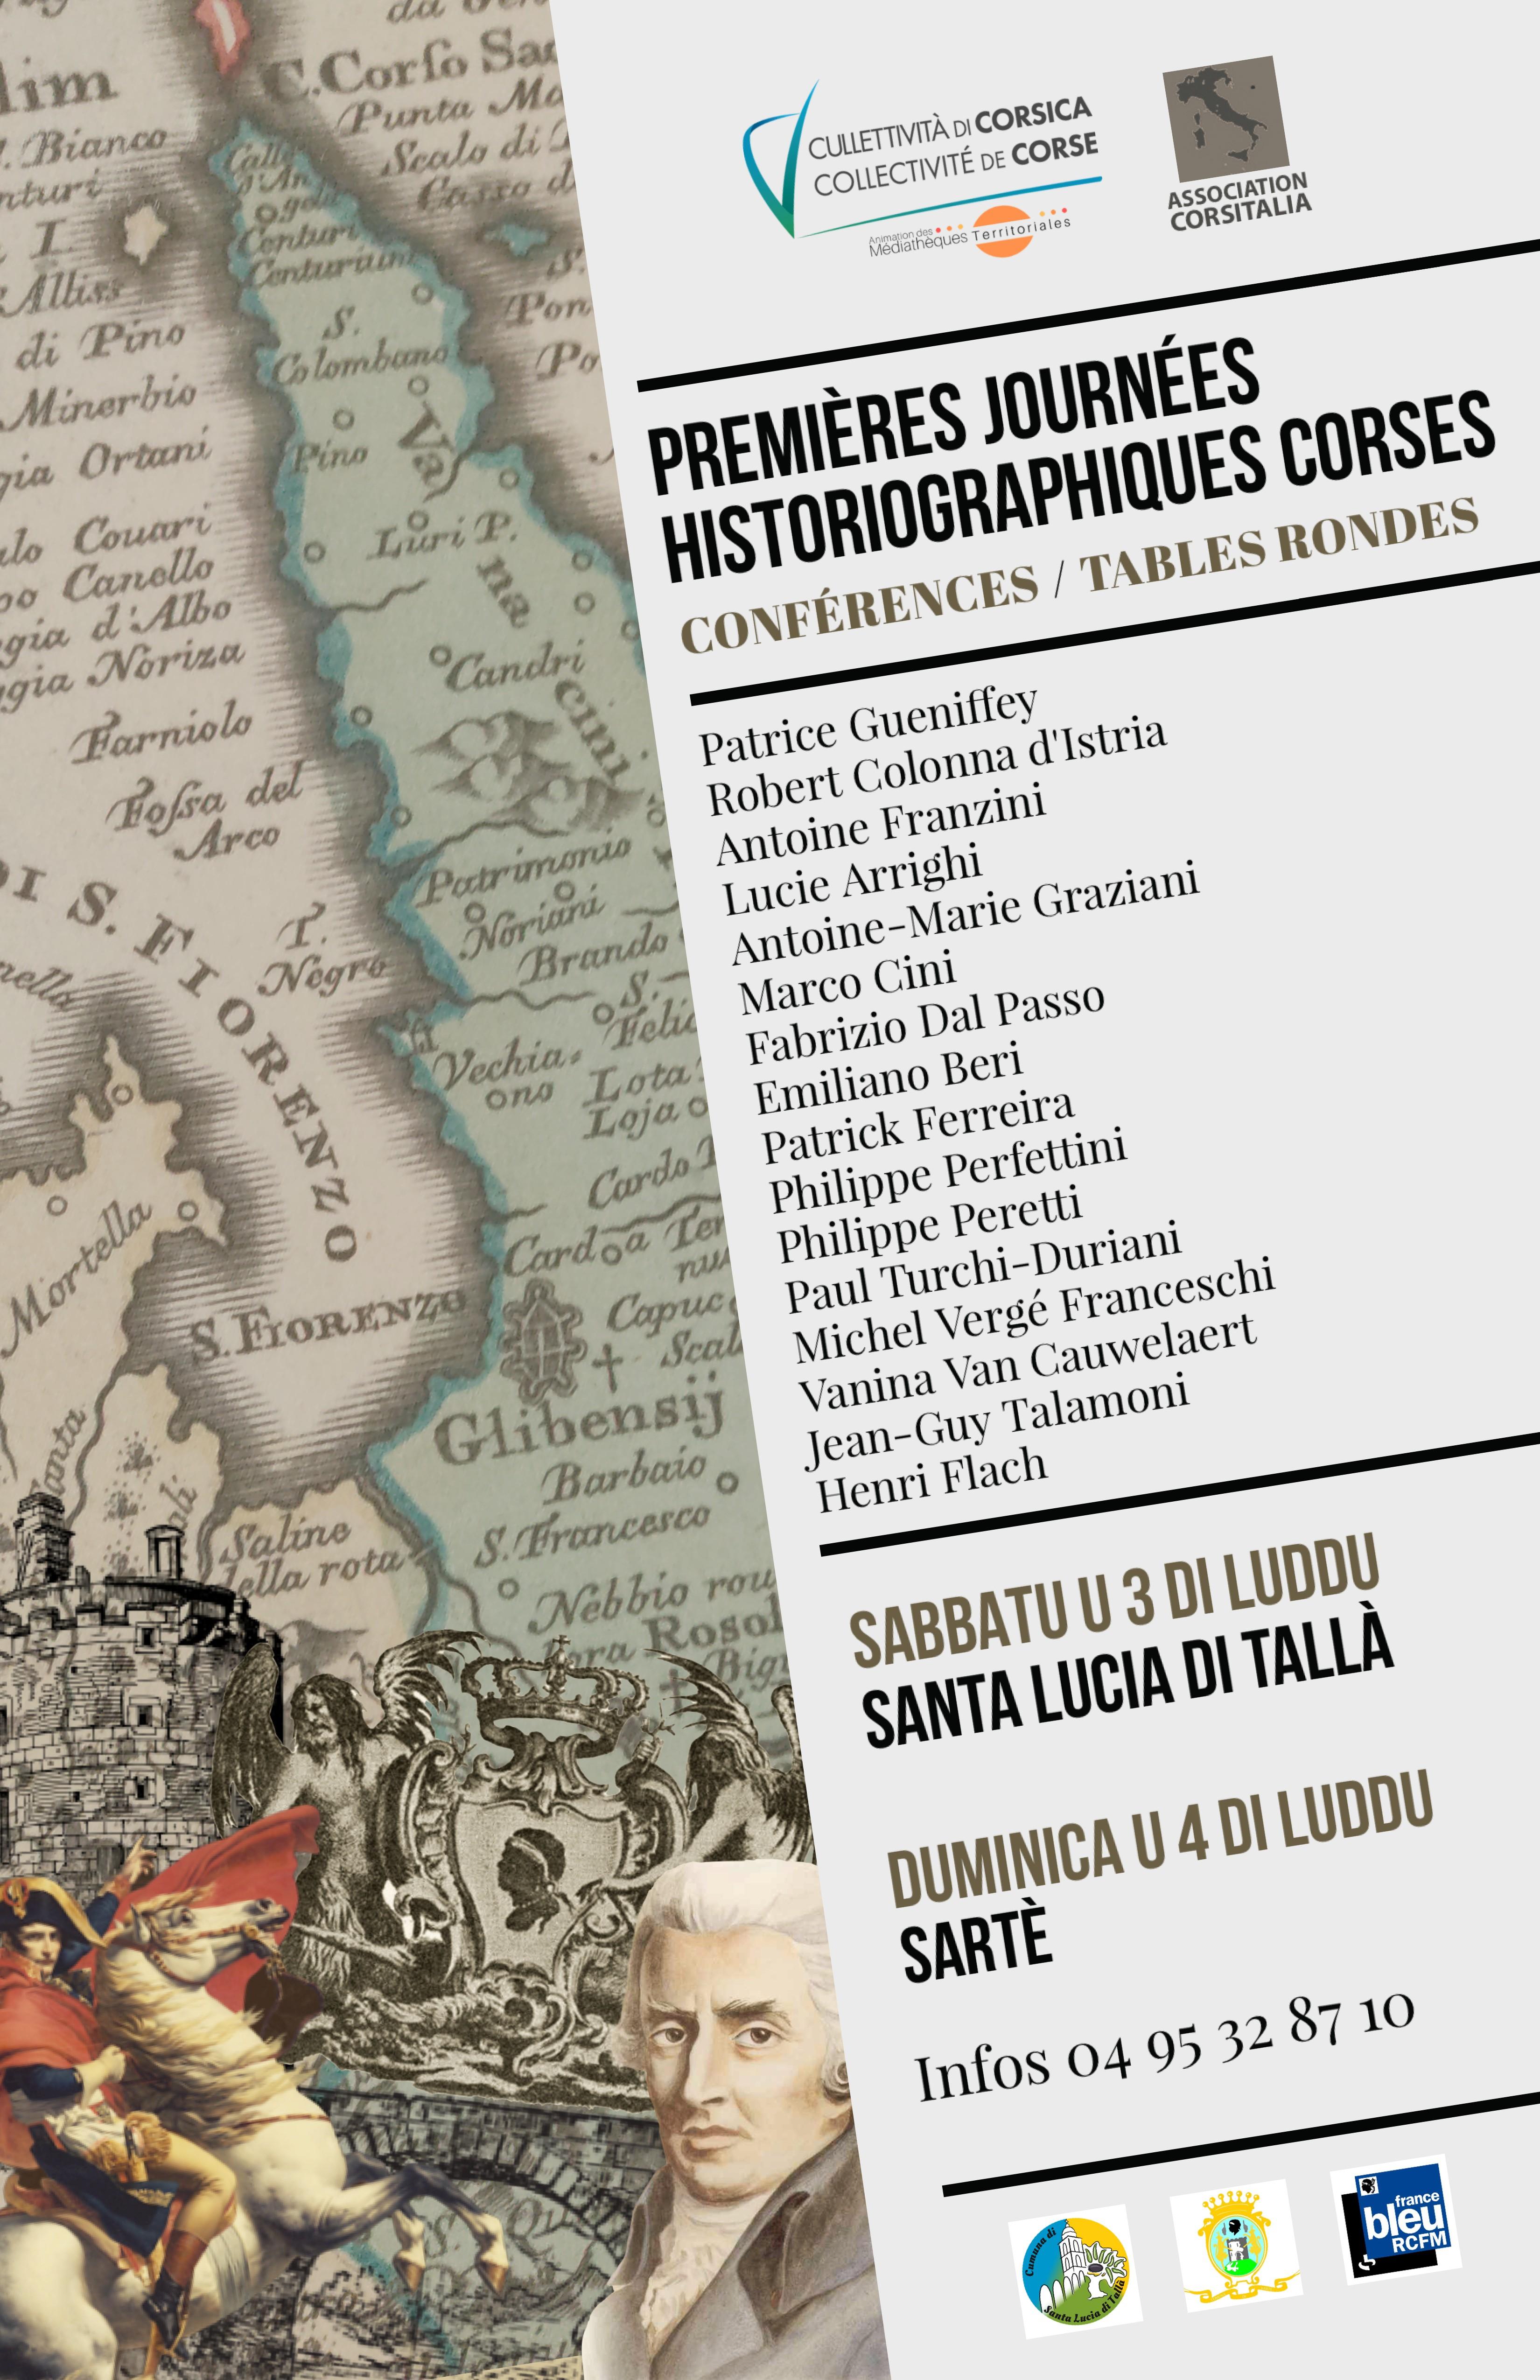 Santa Lucia di Tallà - Sartène : les premières journées historiographiques corses c'est ce weekend